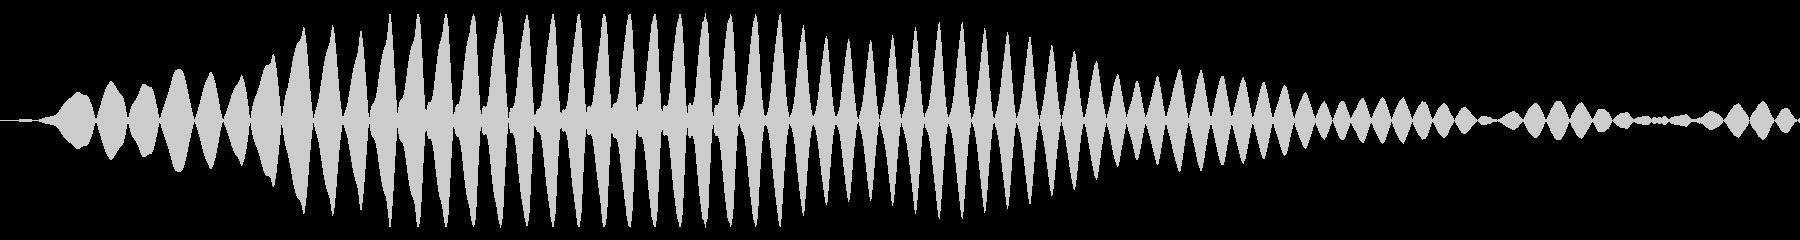 コミカルな選択・カーソル移動・決定音の未再生の波形